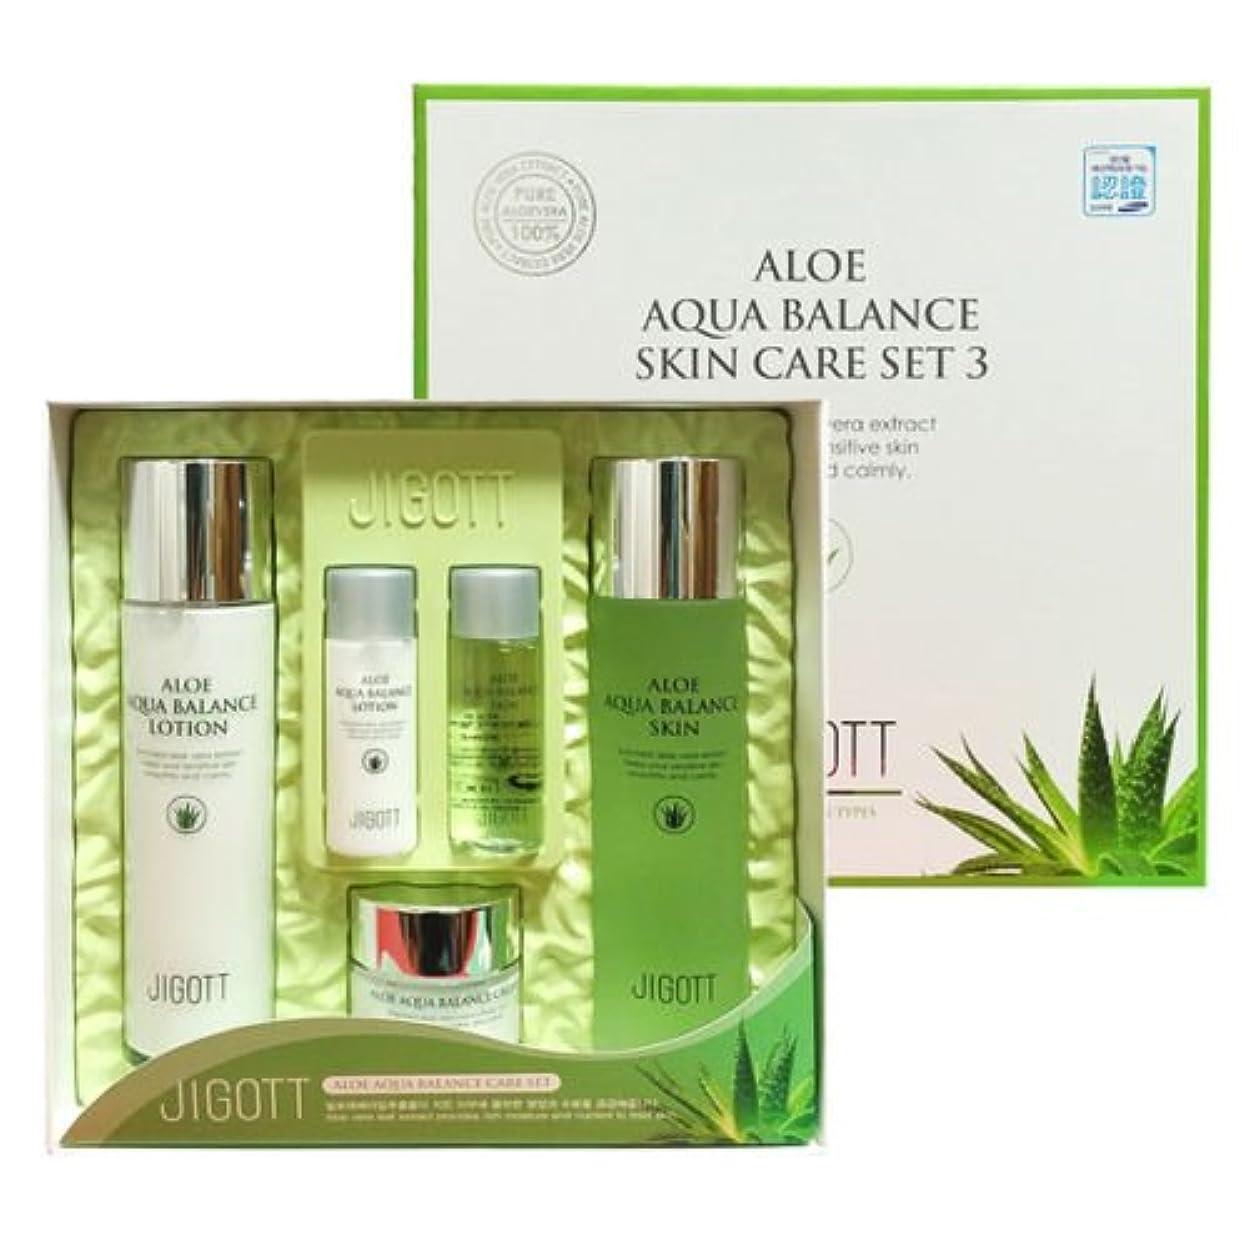 ディレクターモーション気怠いジゴトゥ[韓国コスメJigott]Aloe Aqua Balance Skin Care 3 Set アロエアクアバランススキンケア3セット樹液,乳液,クリーム [並行輸入品]